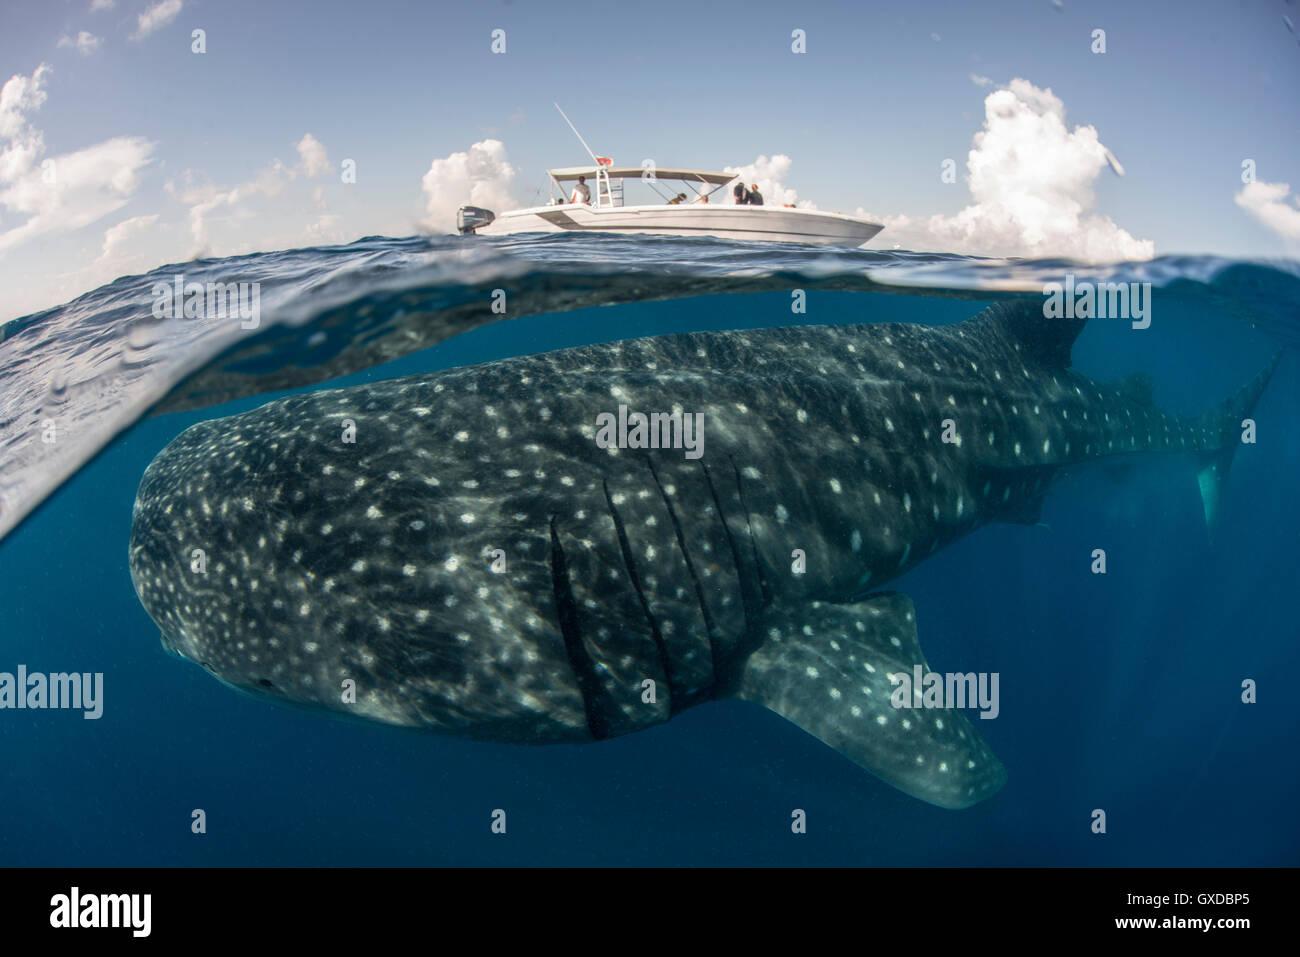 Großen Walhai (Rhincodon Typus) vorbei unter Boot an Meeresoberfläche, Isla Mujeres, Mexiko Stockbild